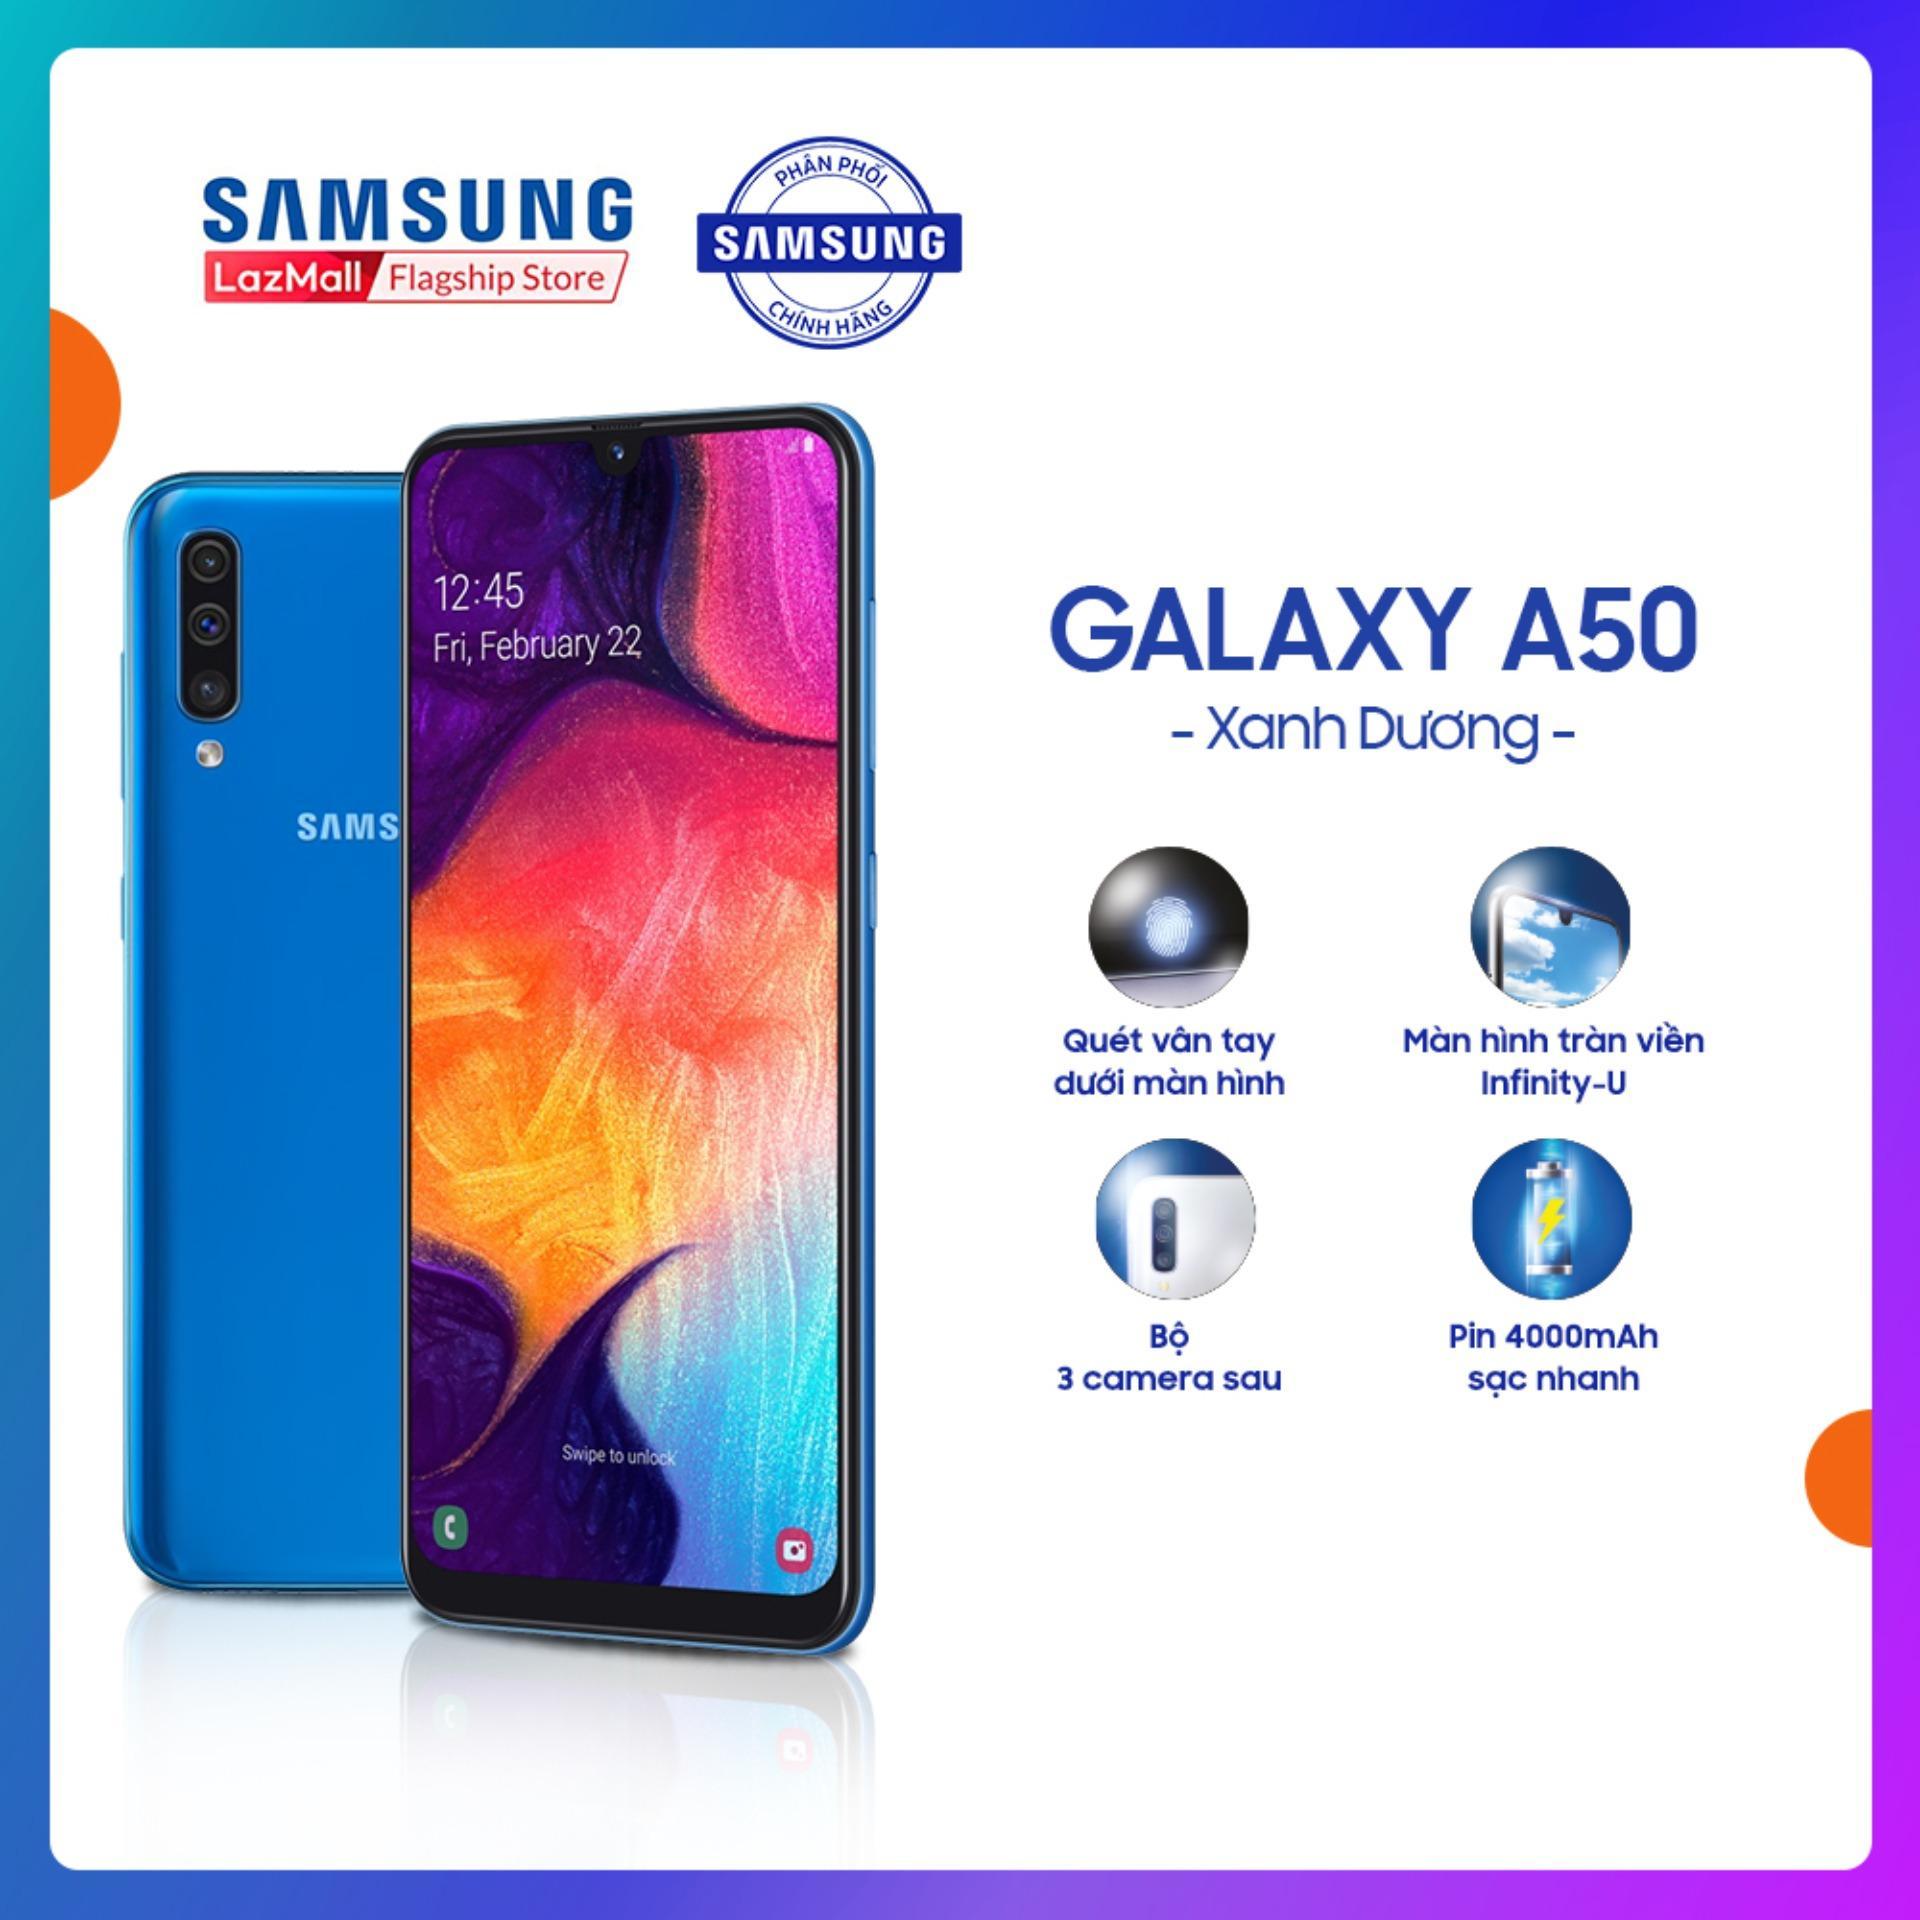 Samsung Galaxy A50 - Điện Thoại Chính Hãng